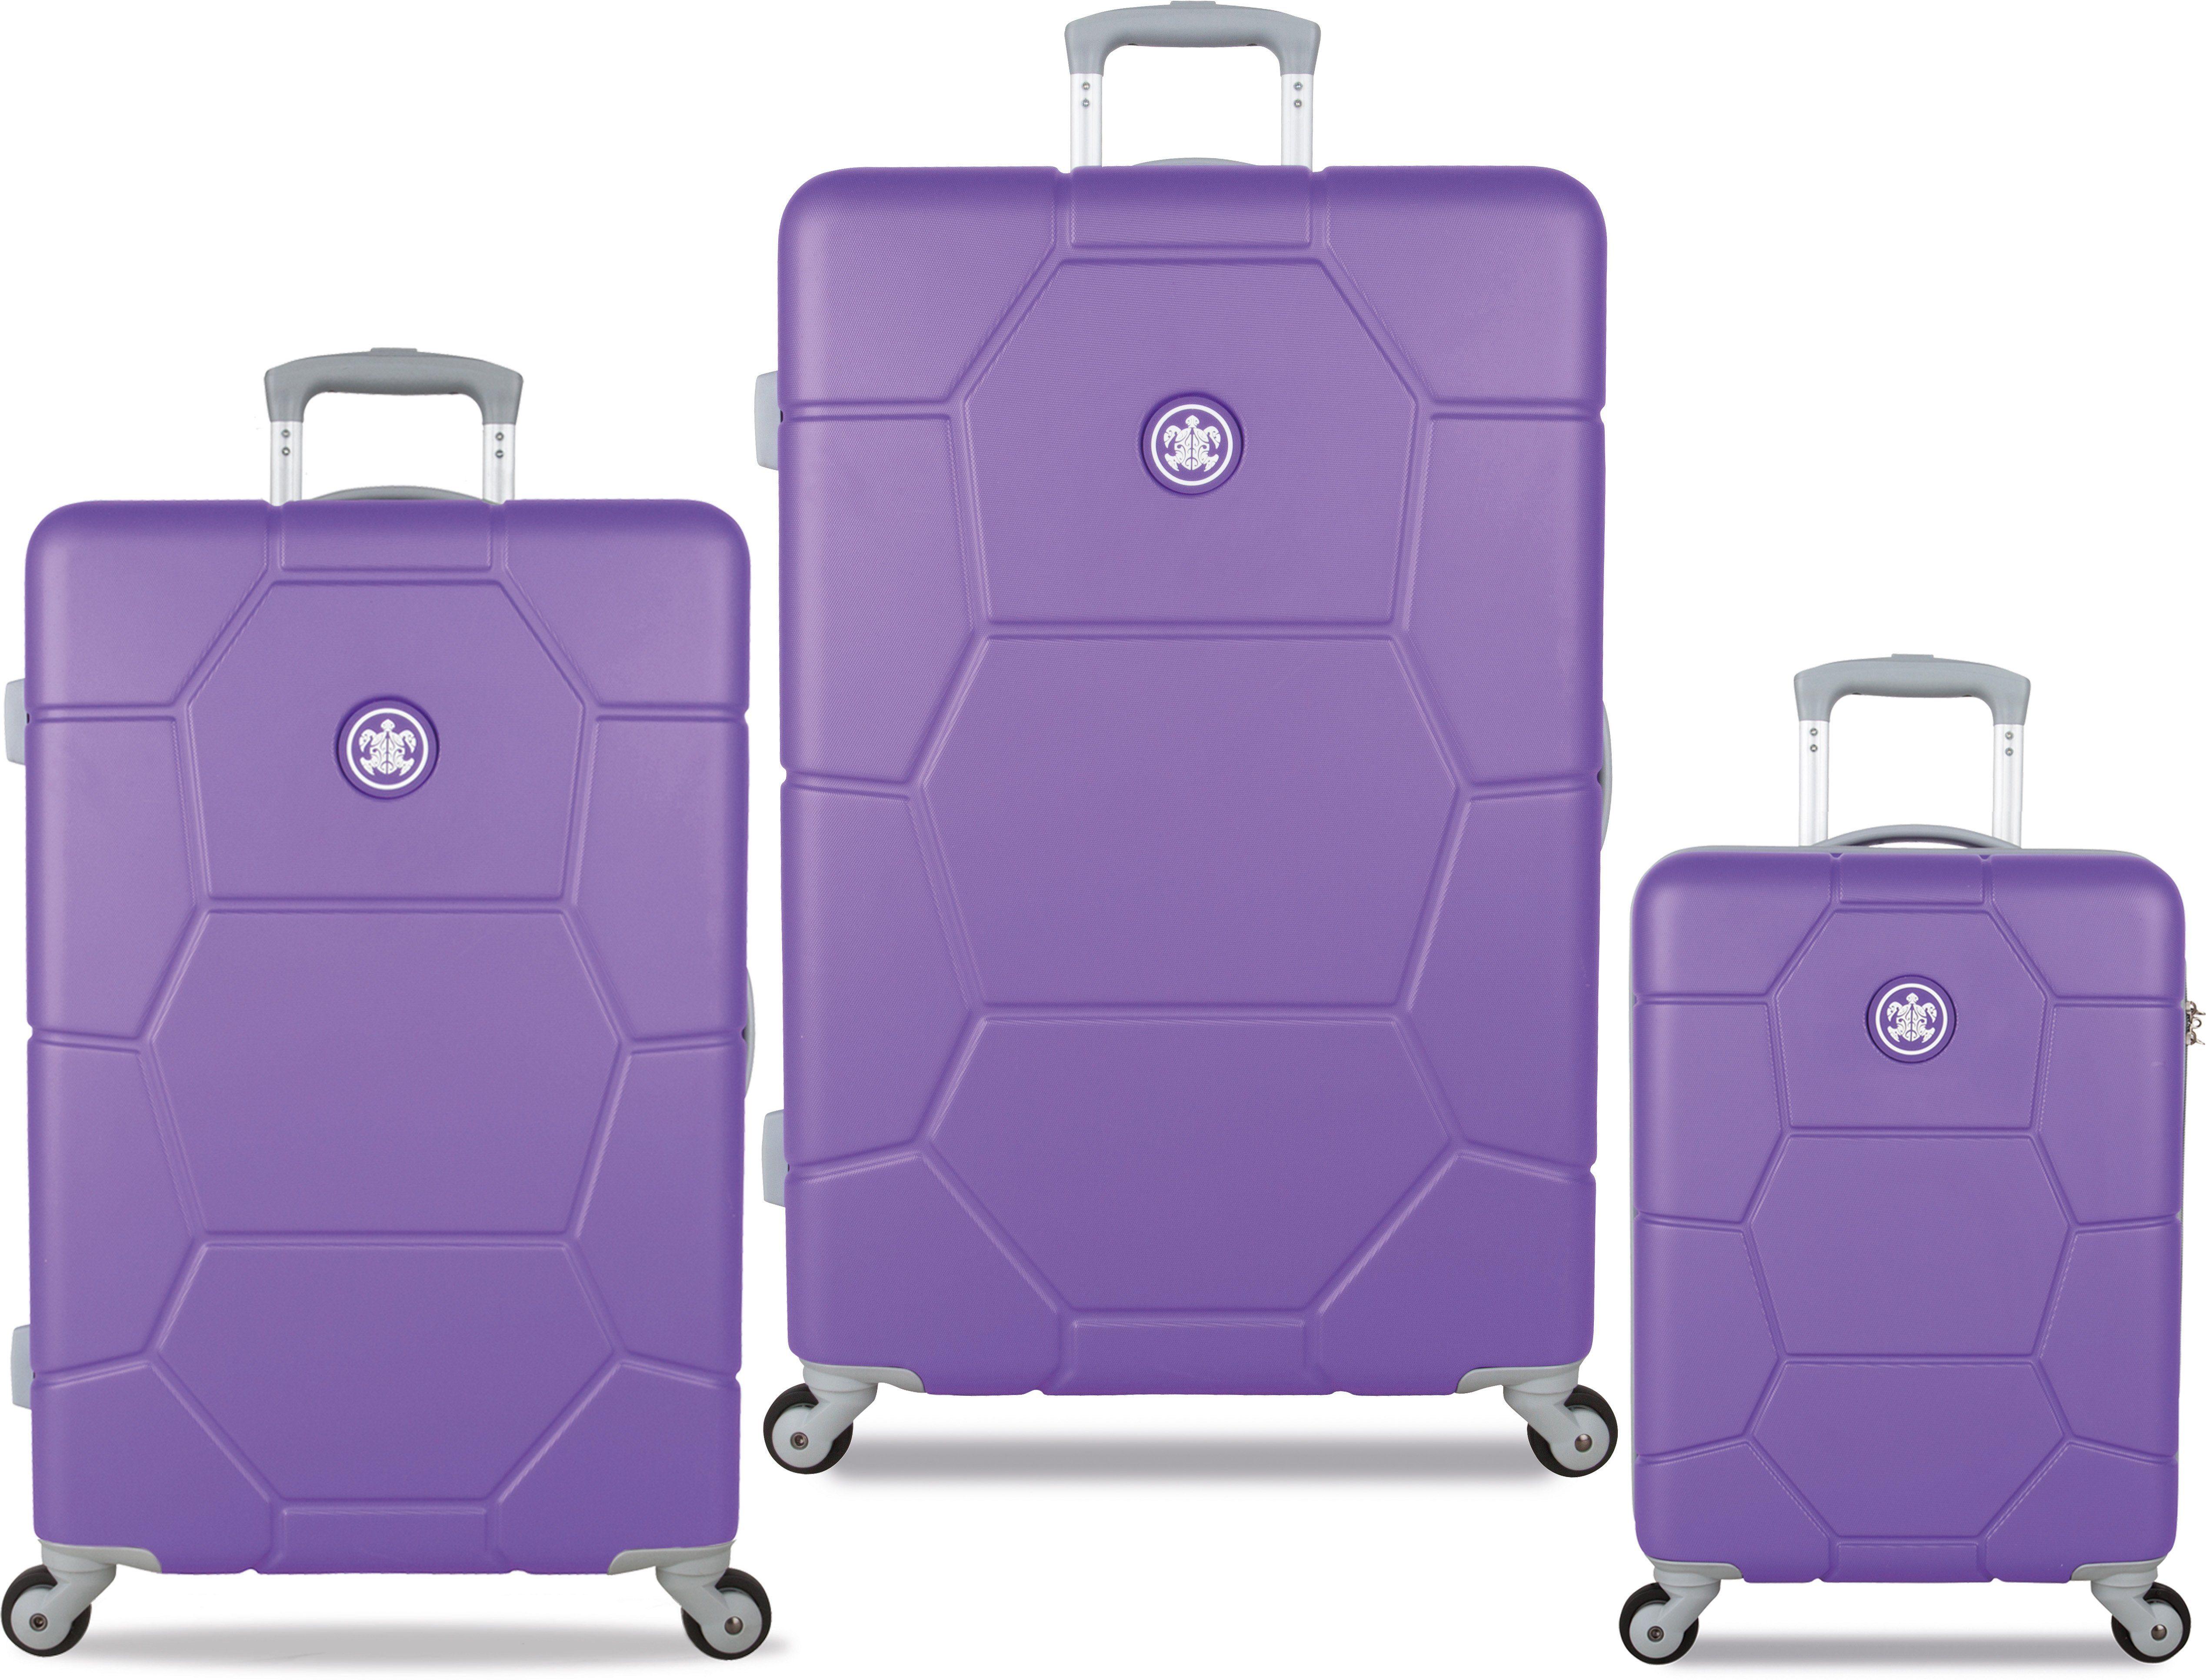 SUITSUIT® Hartschalentrolley Set mit 4 Rollen, 3-tlg., »Caretta Purple Heart«